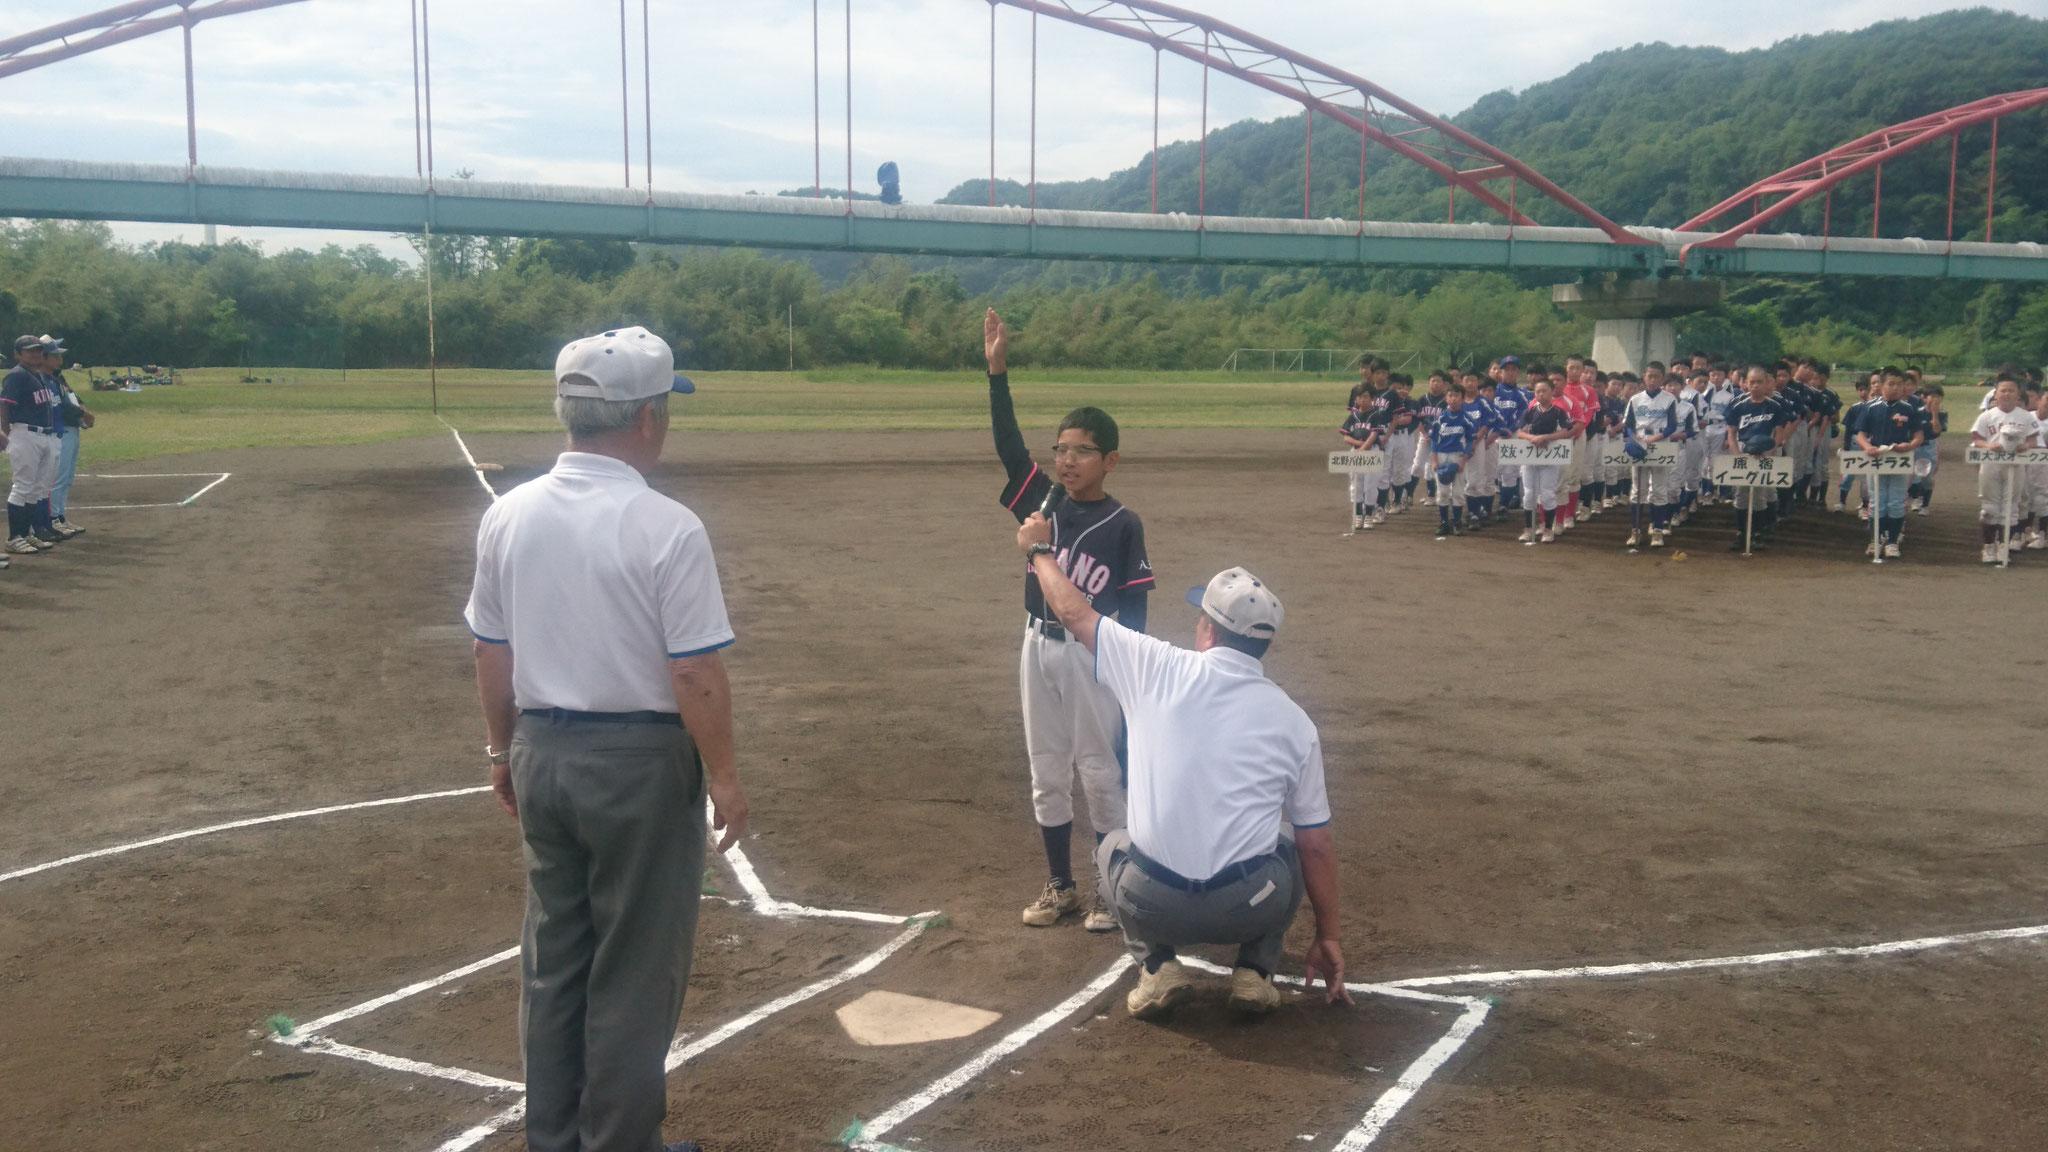 ジャビットカップ開会式《選手宣誓》北野バイオレンズ主将 上松選手